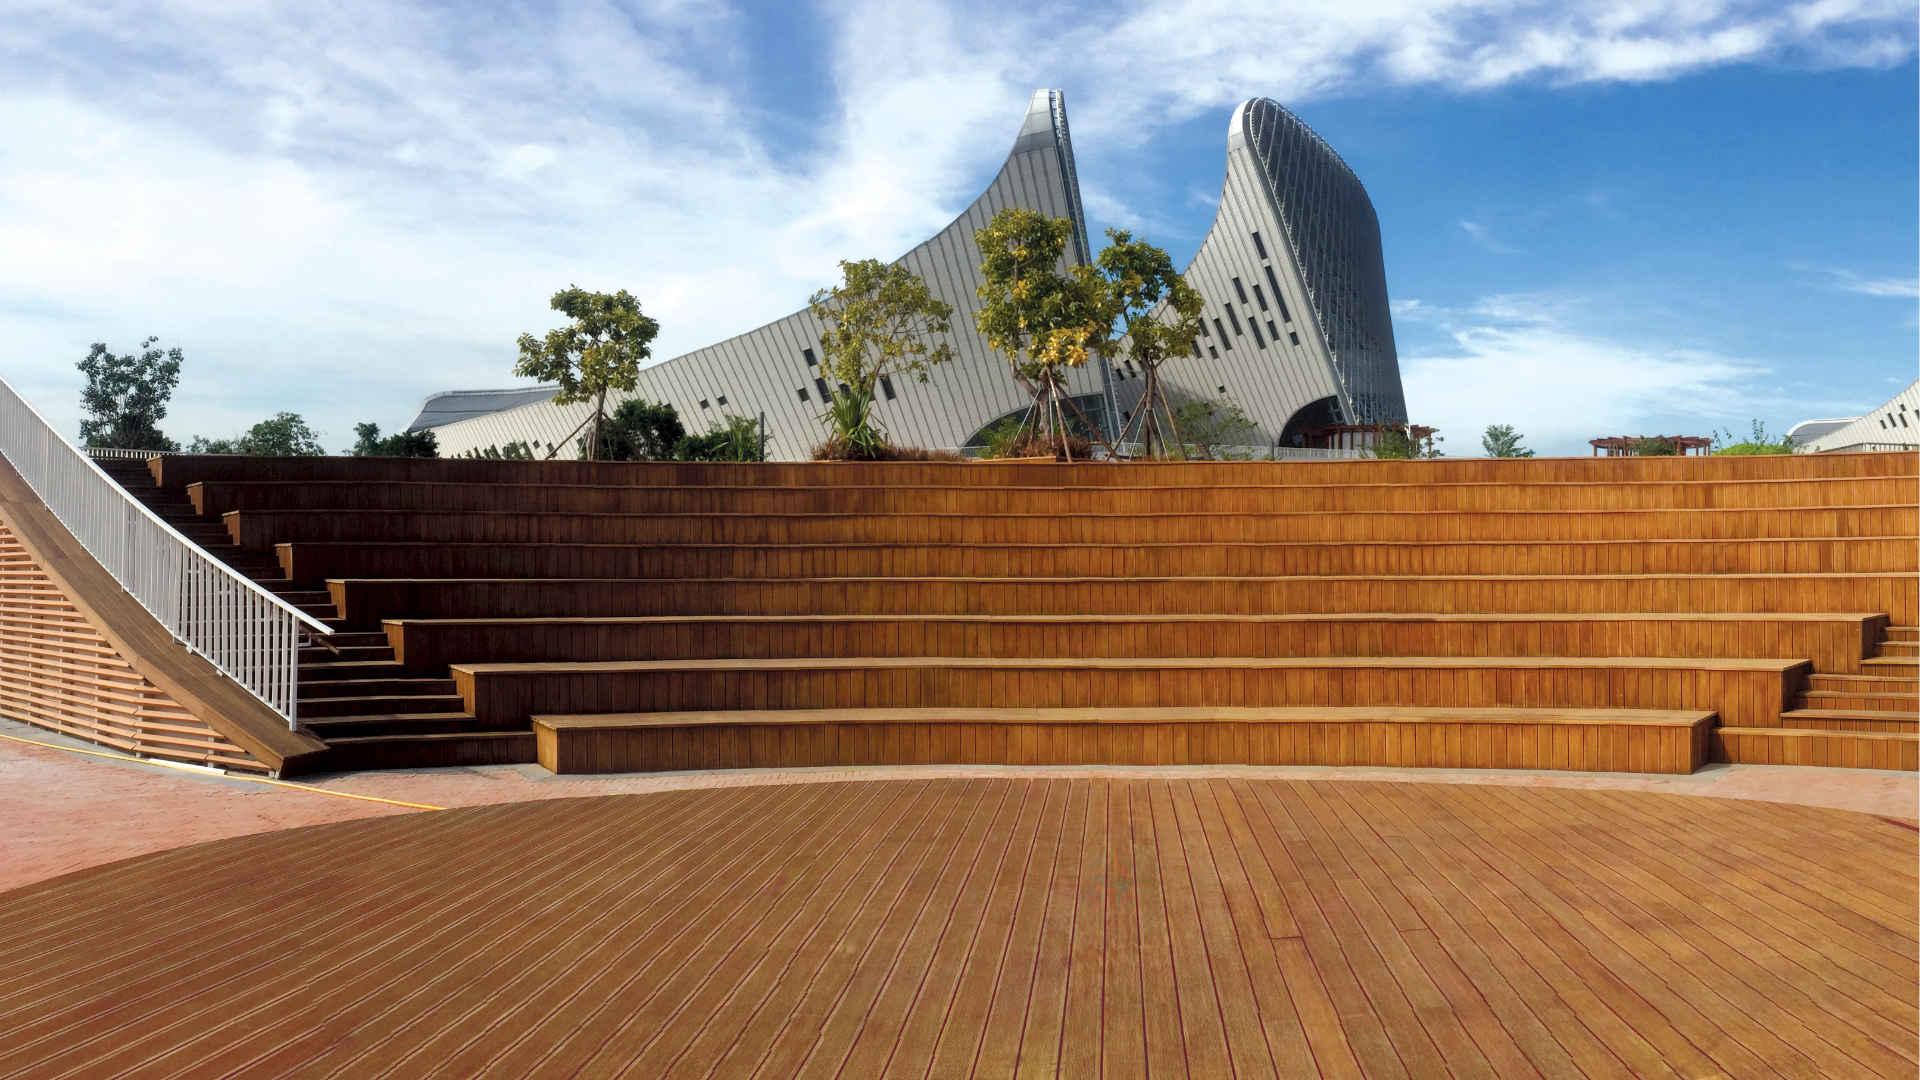 Große Sommerbühne aus hellbraunen Bambus Terrassendielen mit Konferenzzenter im Hintergrund